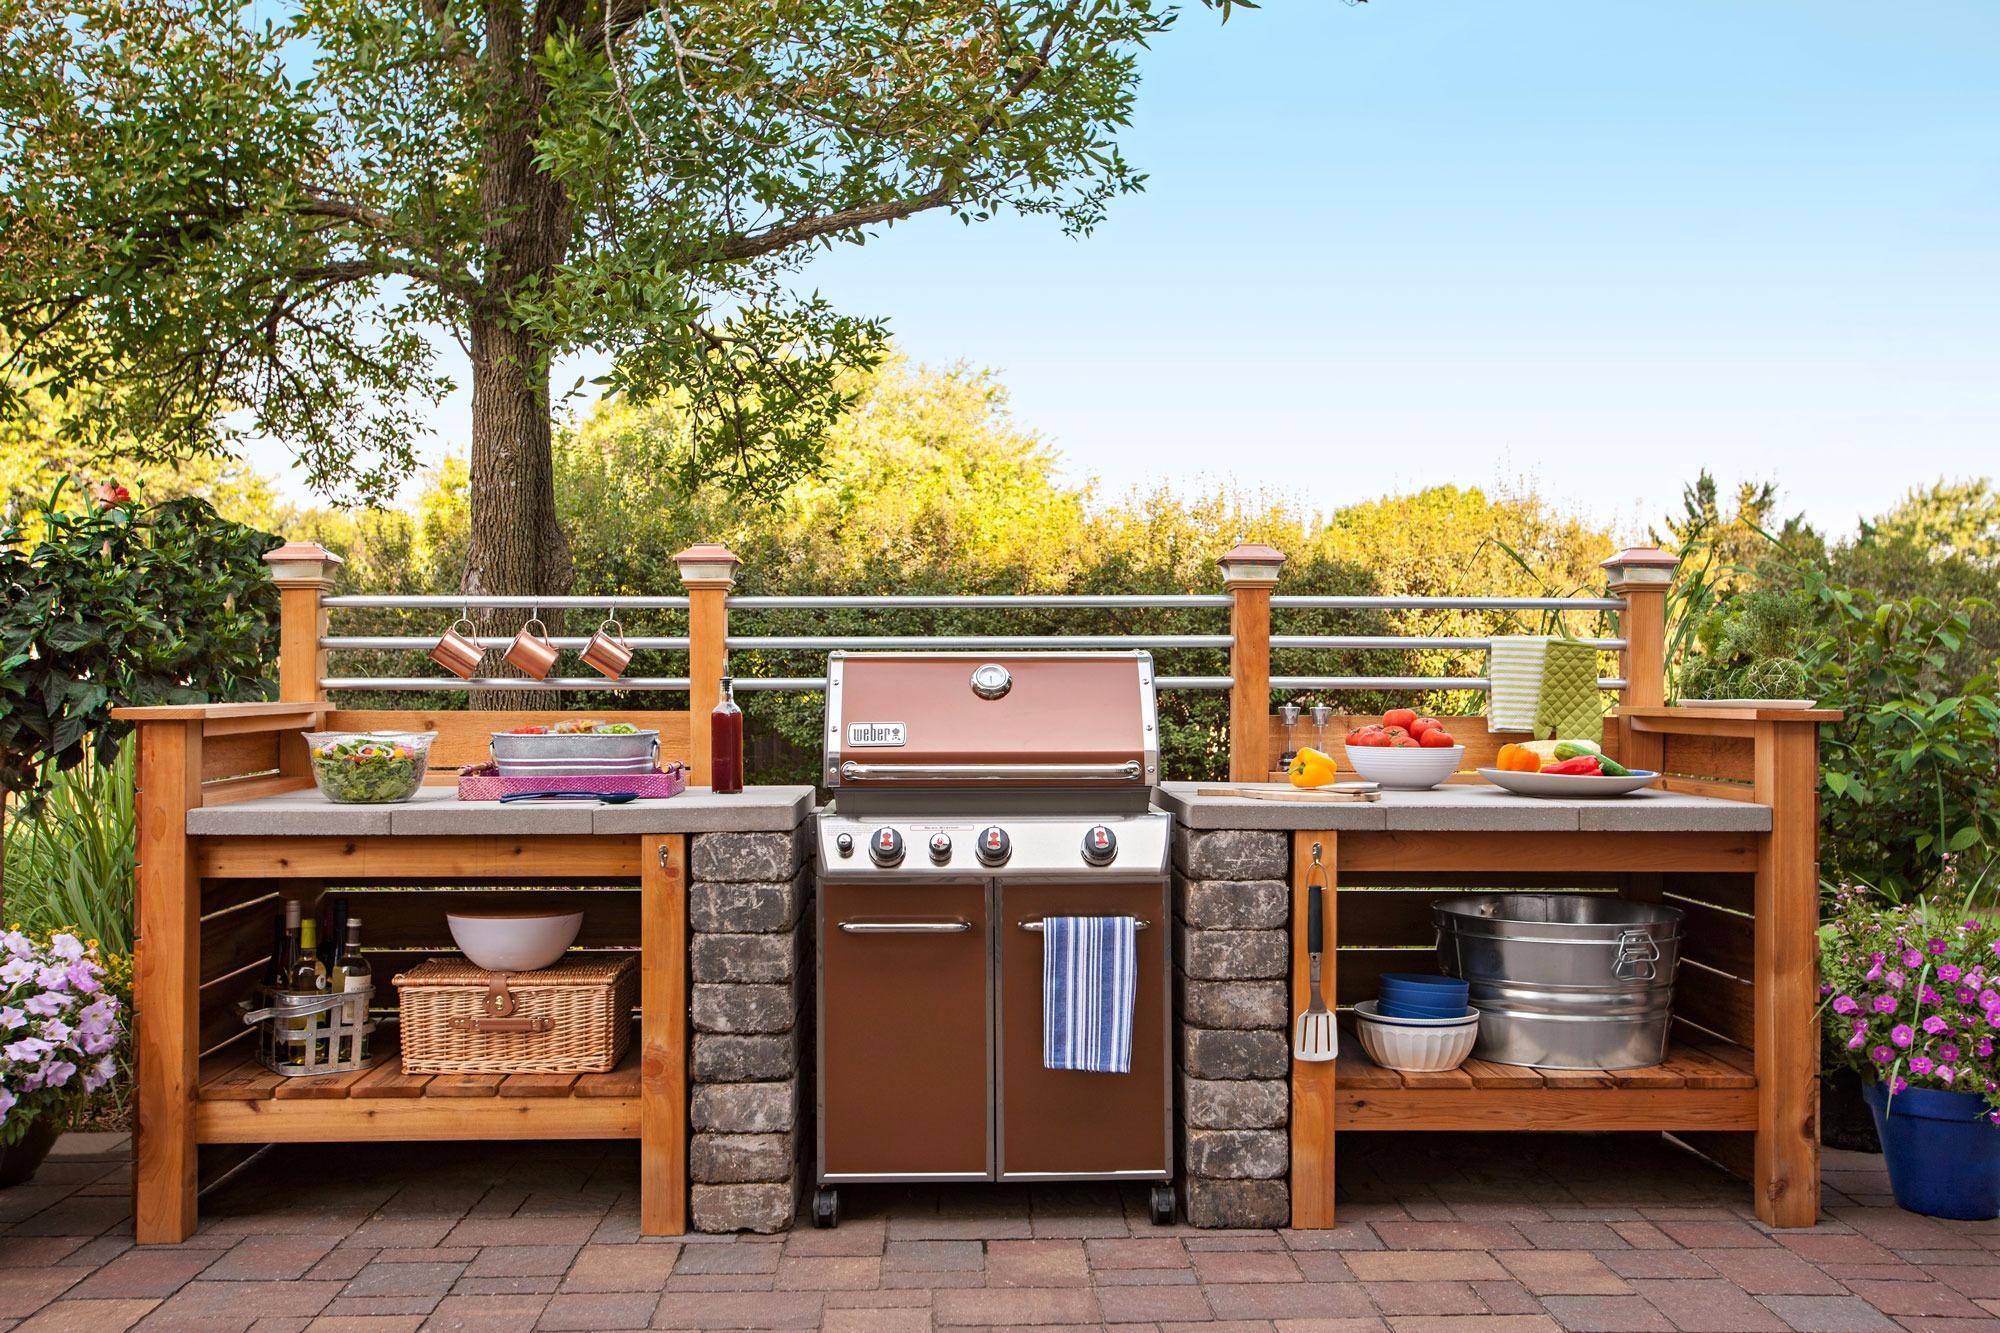 Dorable Mueble De Cocina Lowes Foto - Ideas de Cocina ...